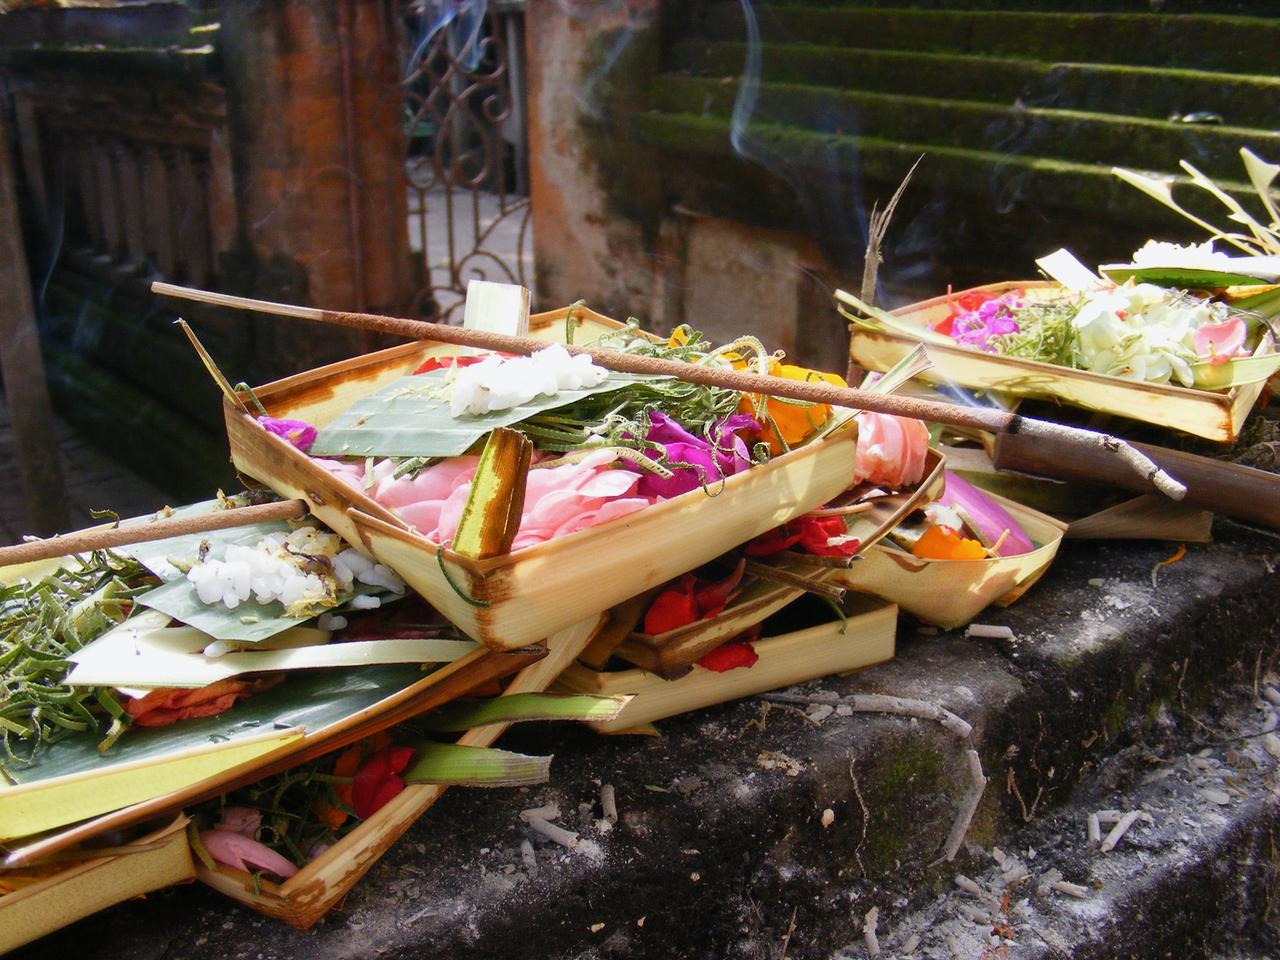 Sconto ispirazionale, Lucavivan, viaggi ispirazionali, Destinazione Umana, Bali